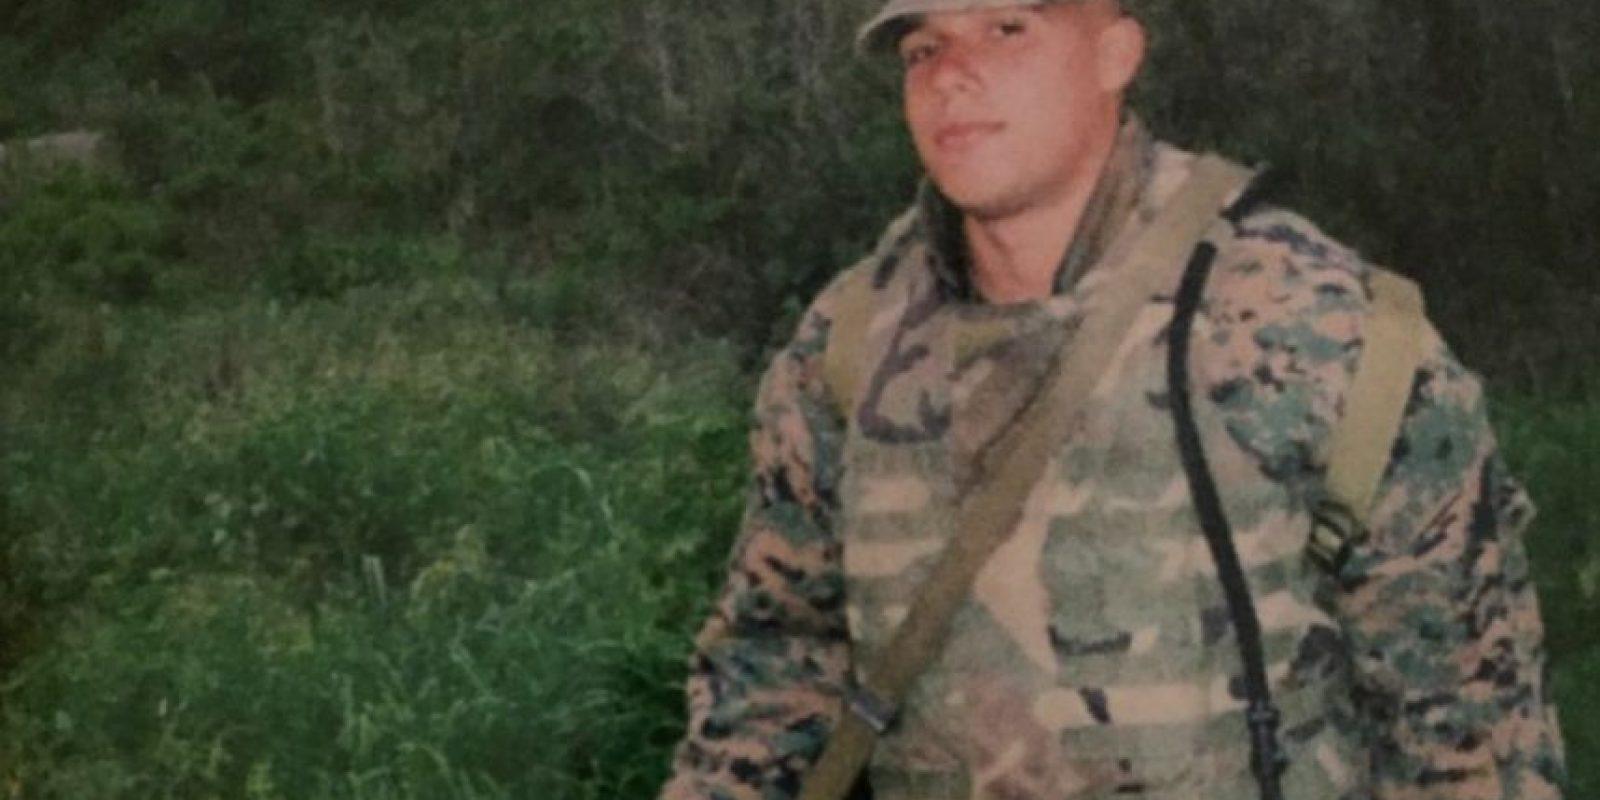 A los 21 años se unió a las Fuerzas Armadas estadounidenses. Foto:Vía instagram @keepnitone00